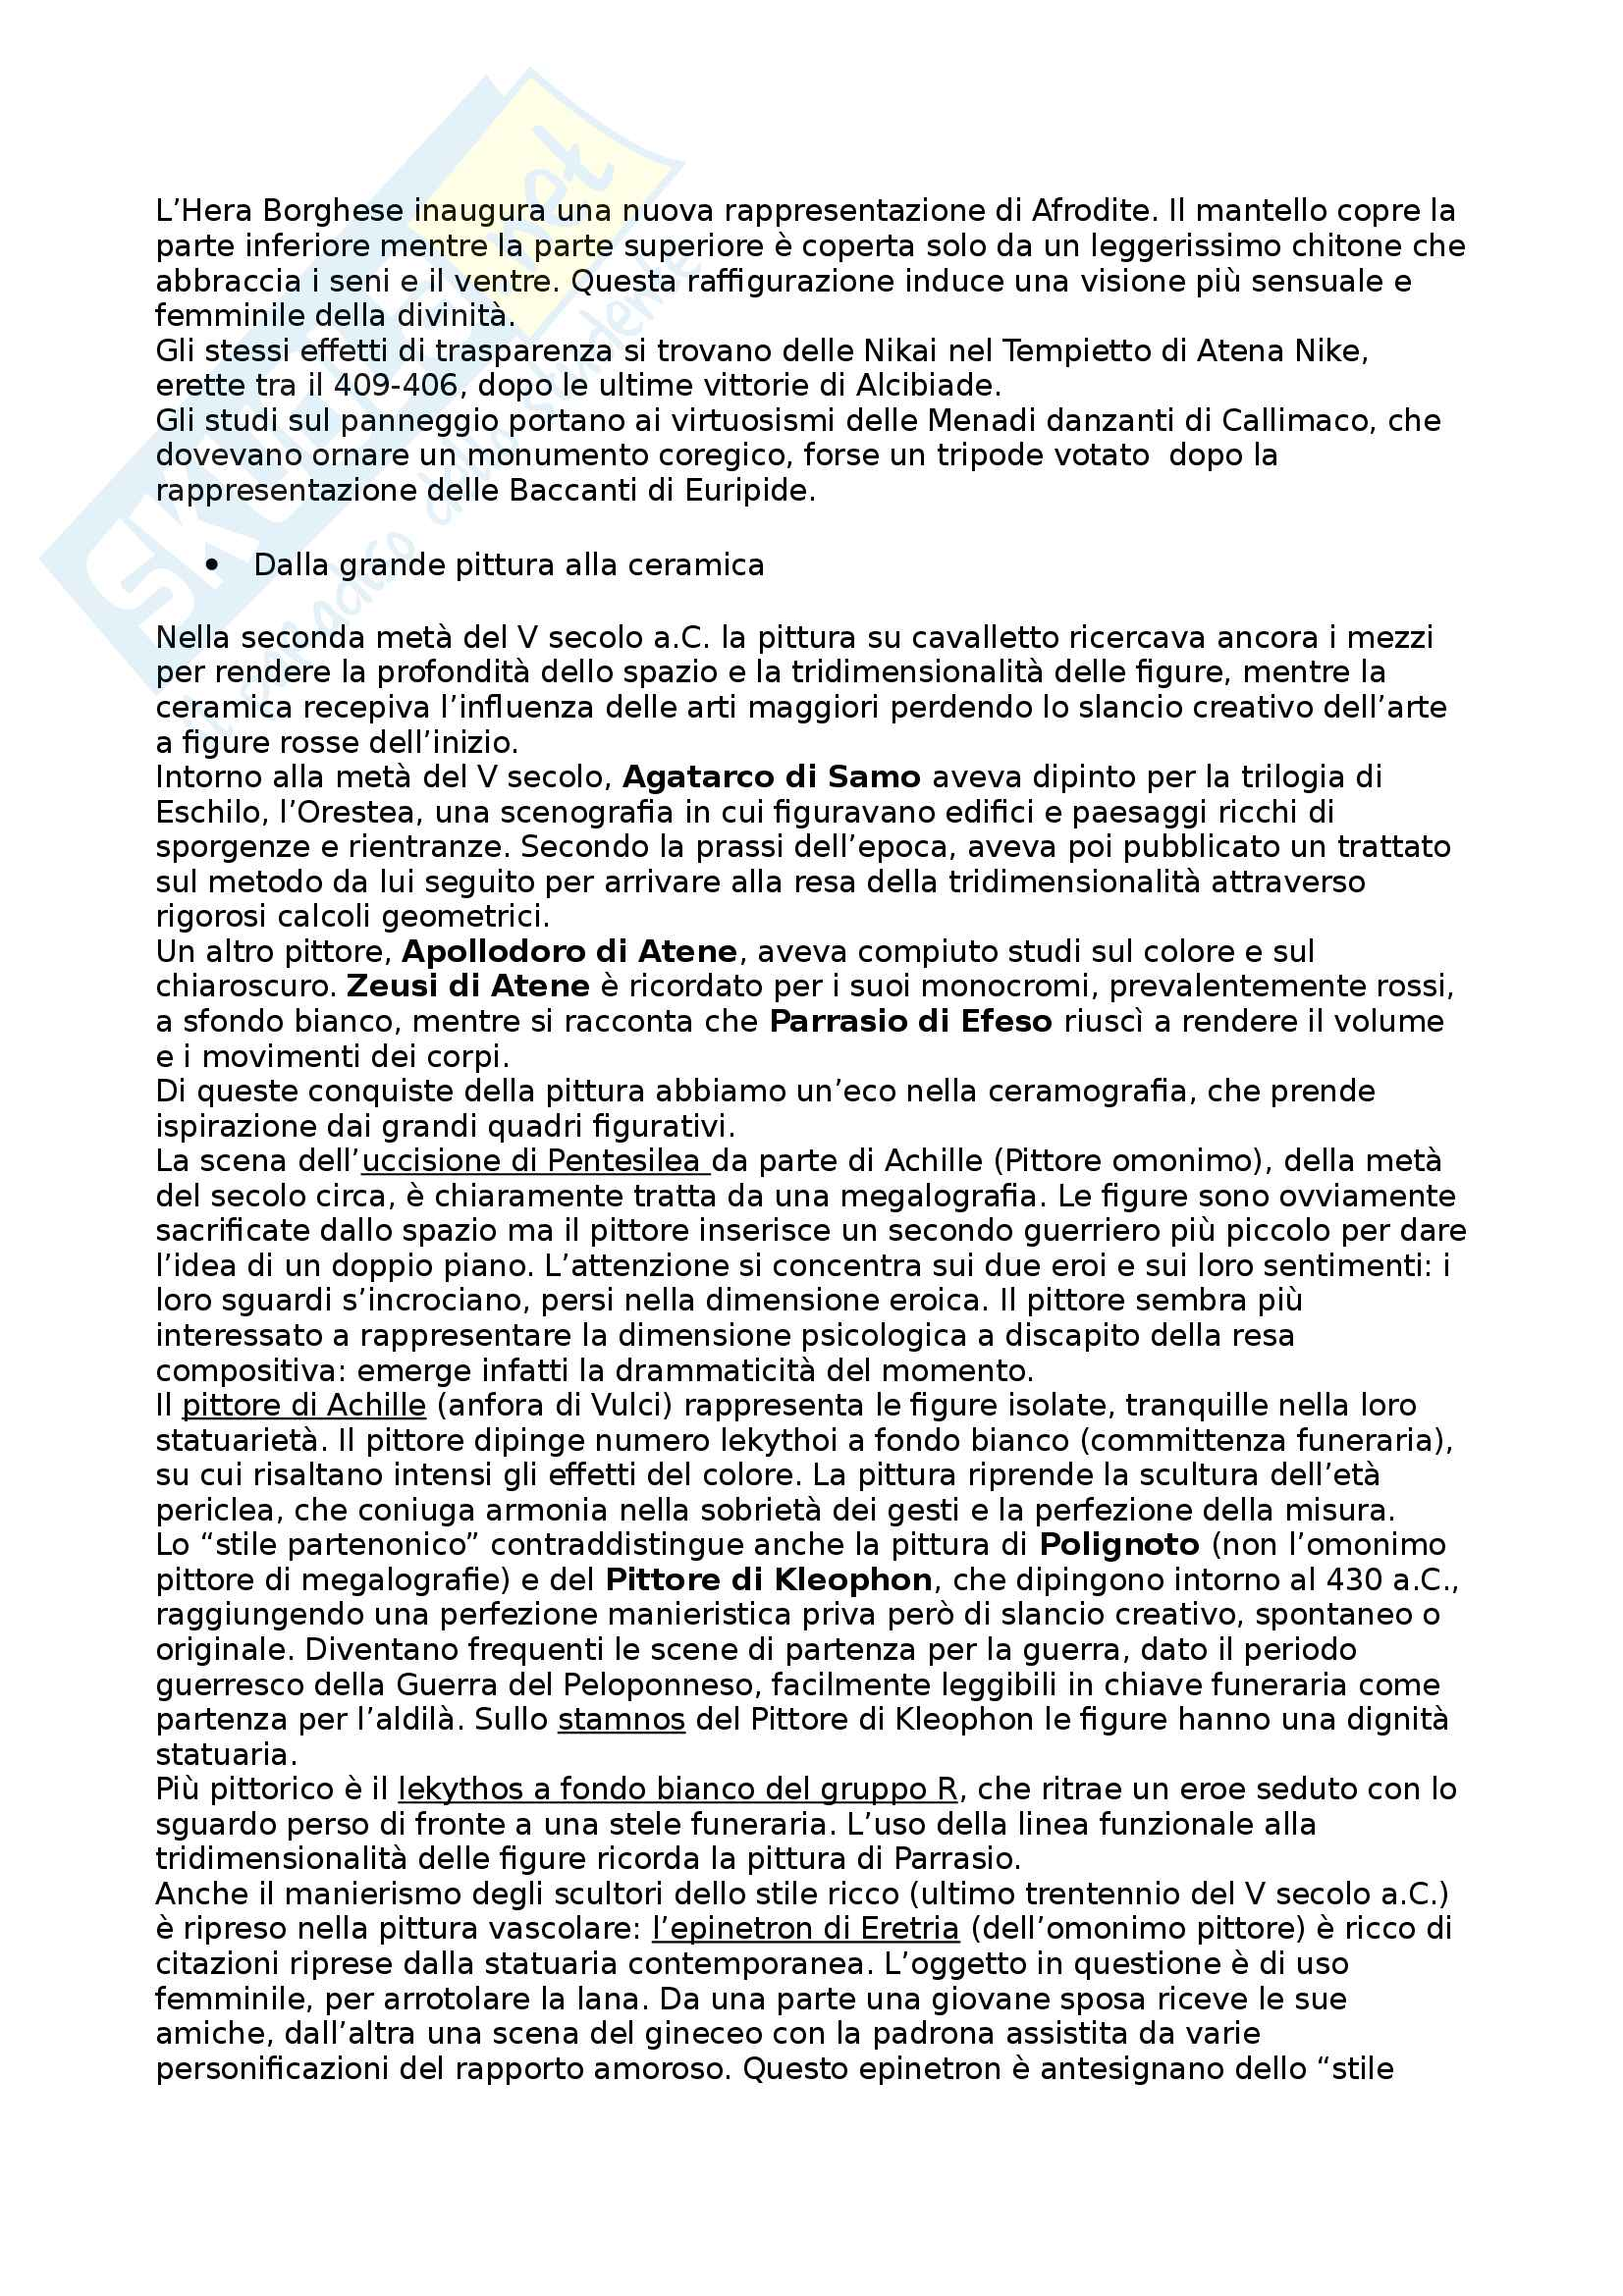 Riassunto esame Arte e Archeologia Greca, prof. Bejor, libro consigliato Arte Greca: Dal decimo al primo secolo a.C di Bejor, Castoldi e Lambrugo Pag. 46